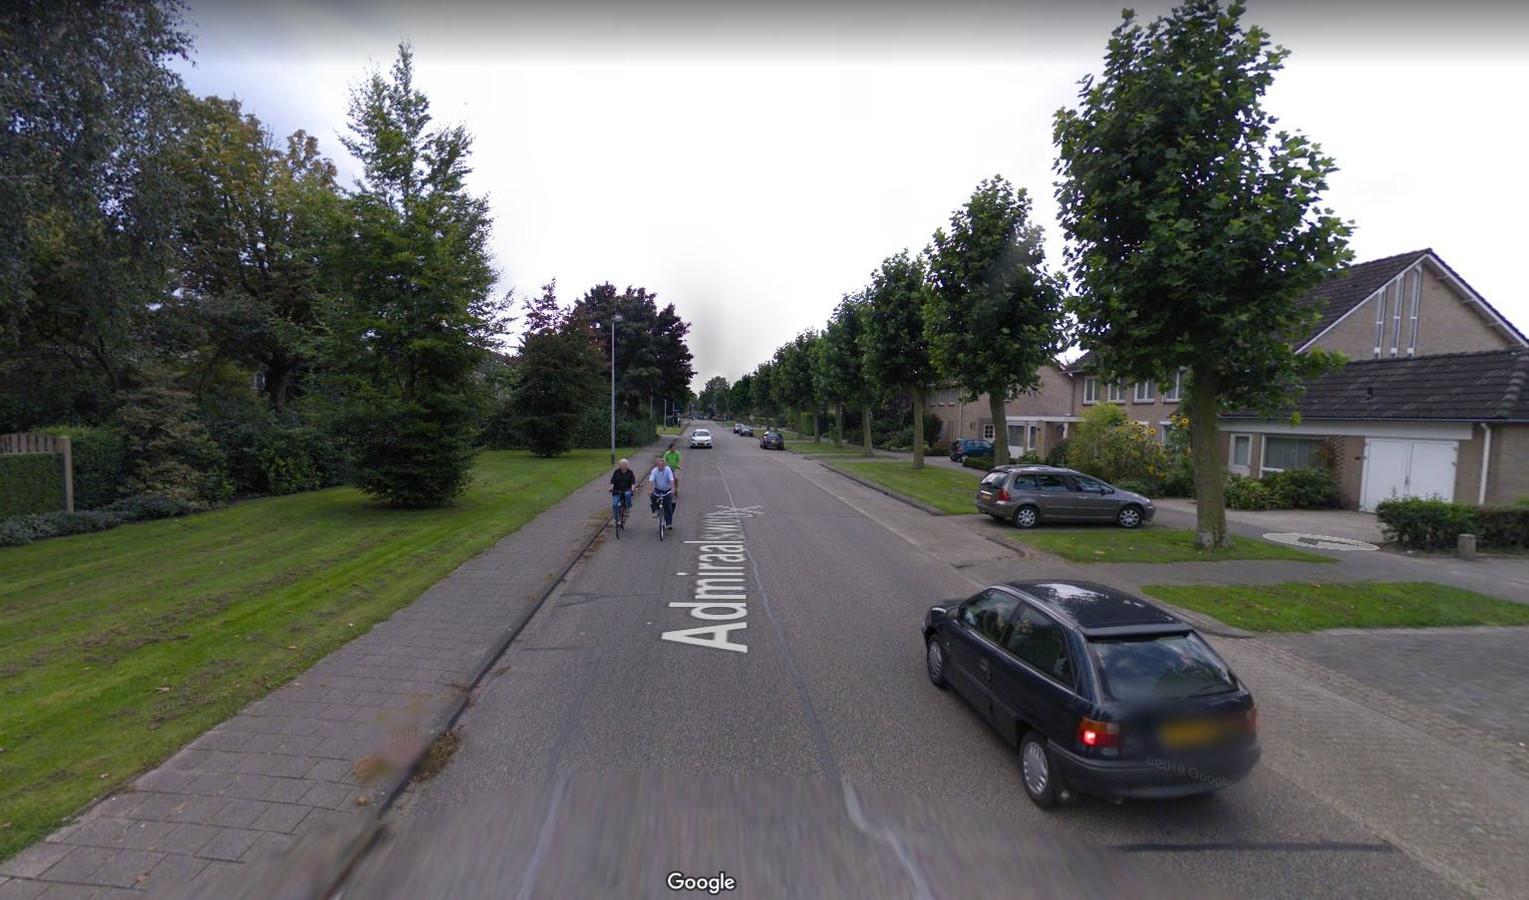 Een deel van de Admiraalsweg in Drunen. De gemeente Heusden wil de weg een grote opknapbeurt geven, maar het geld ontbreekt nog.